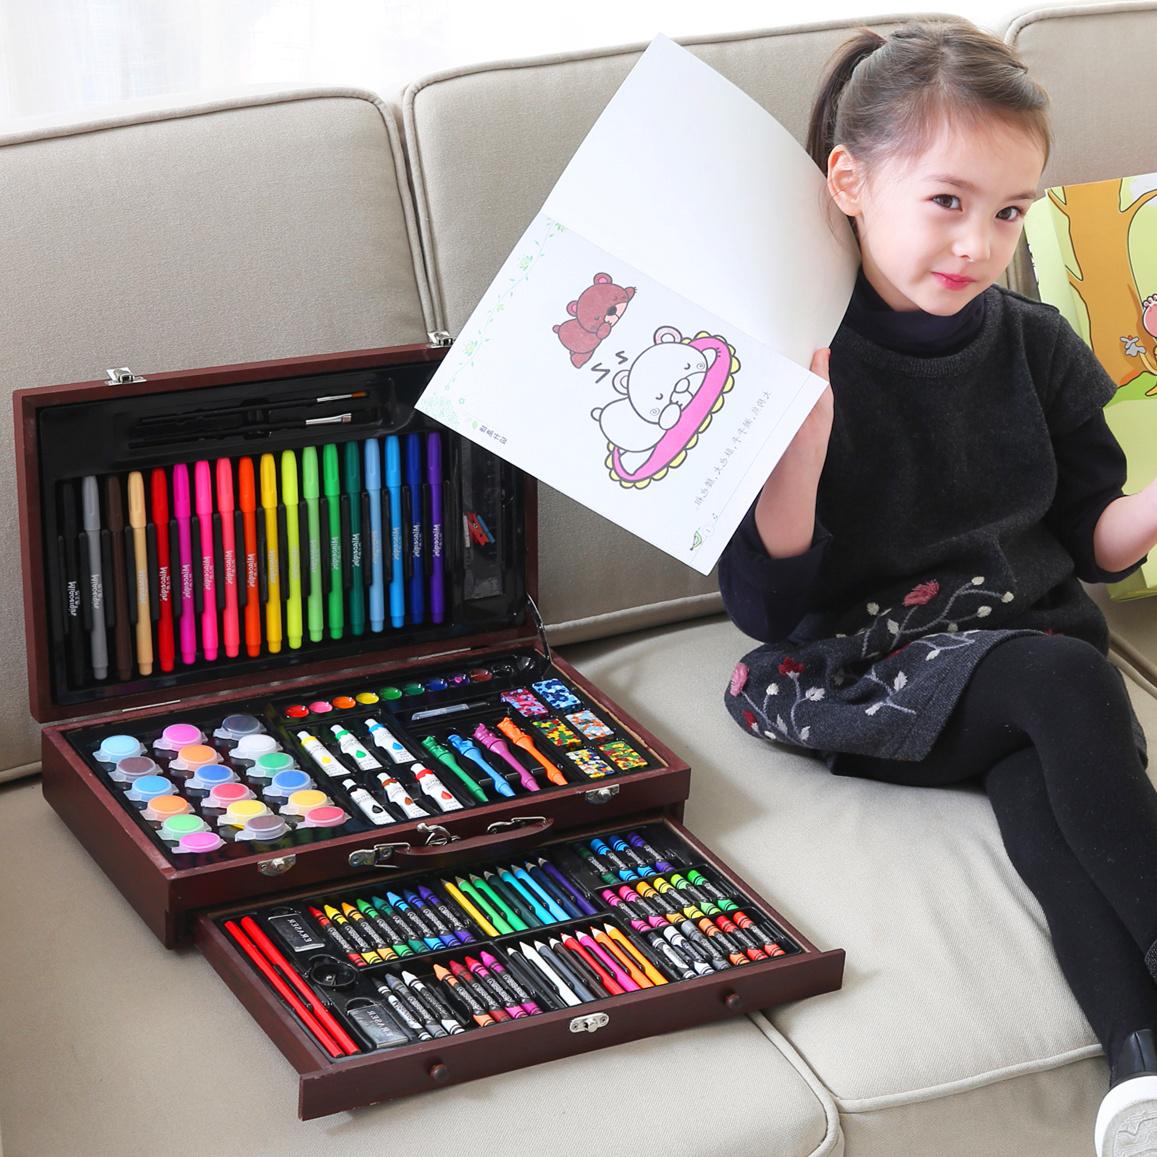 儿童画画笔绘画套装小学生水彩笔学习文具美术用品女孩生日礼物盒图片